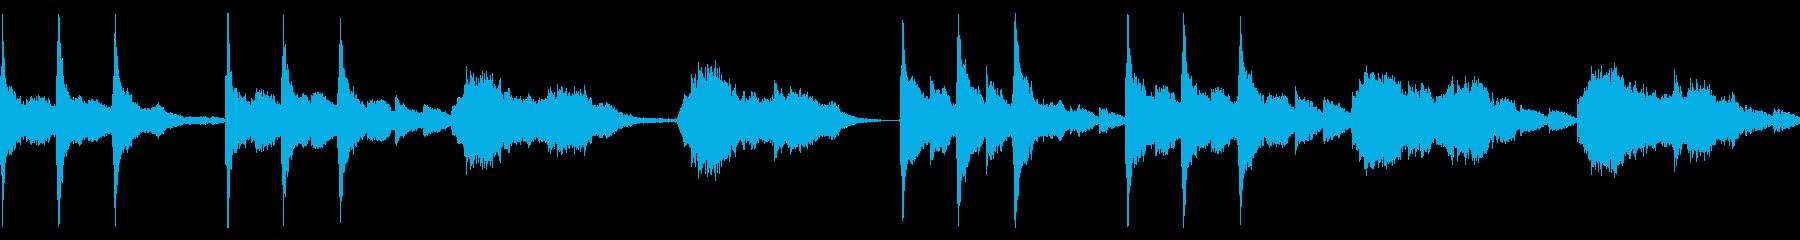 【ループ版】ドキュメンタリー 夜明けの再生済みの波形